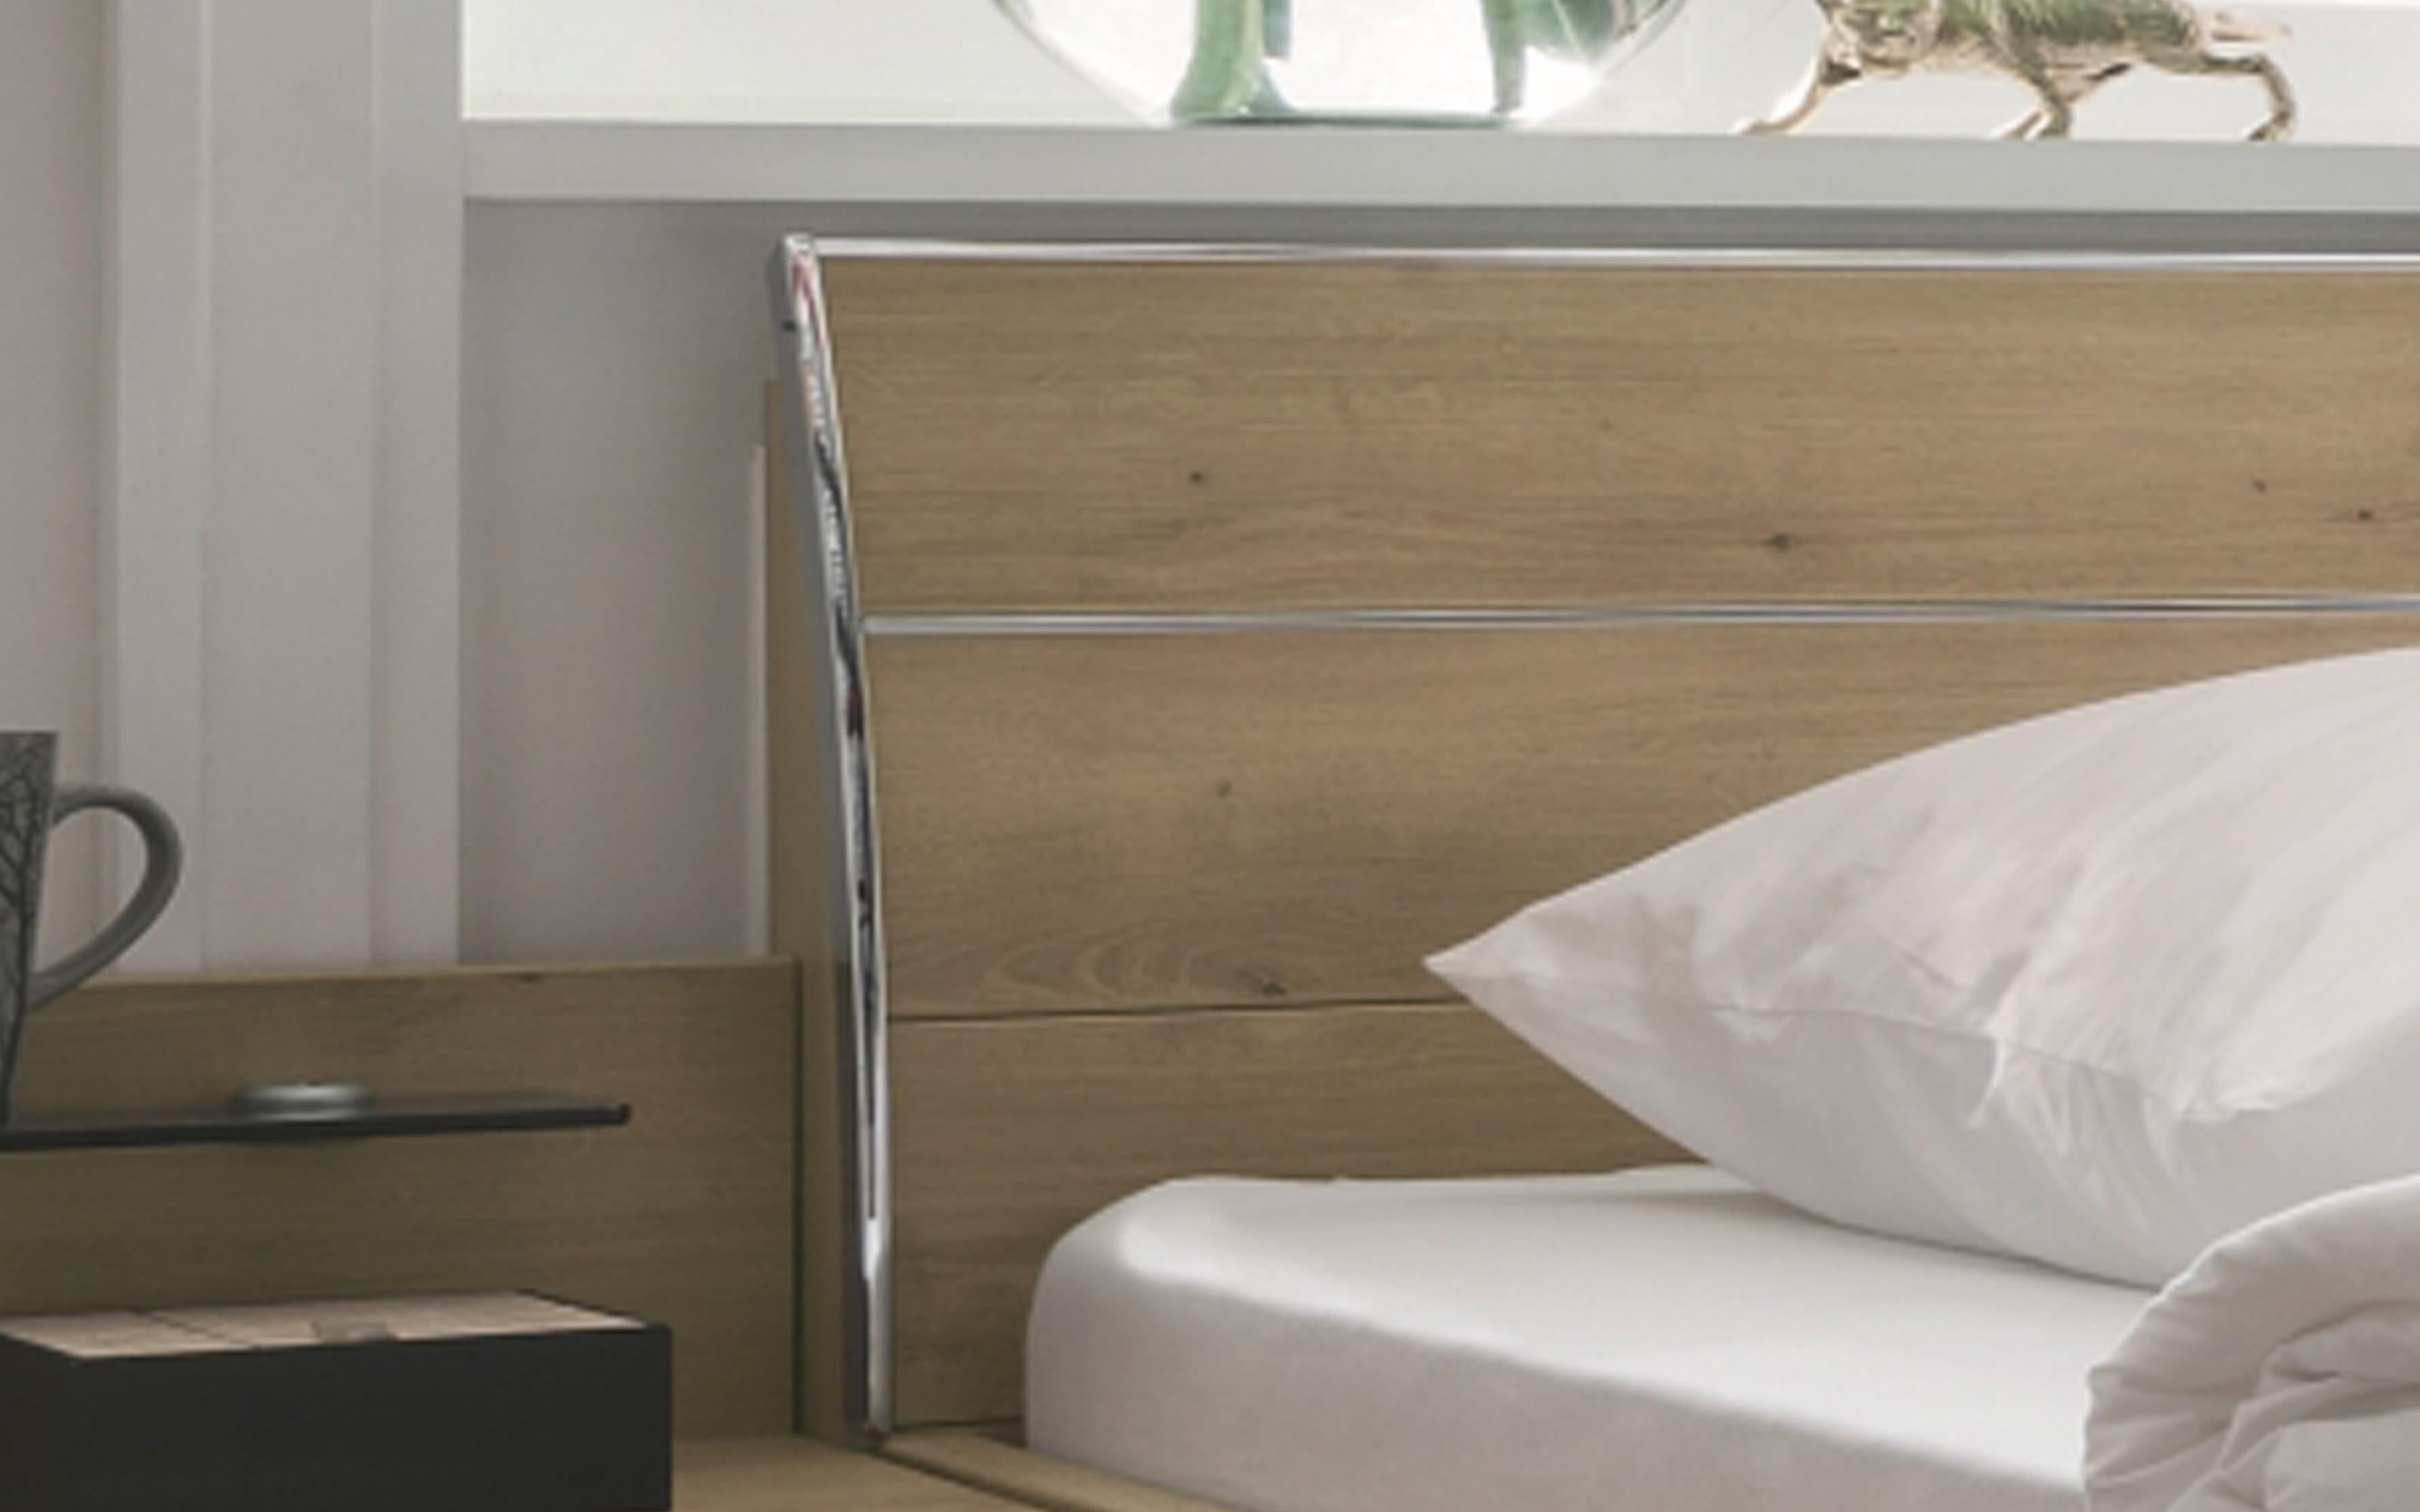 Schlafzimmer Loft in weiß/Bianco Eiche-Nachbildung, Liegefläche 180 x 200 cm, Schrankbreite 300cm